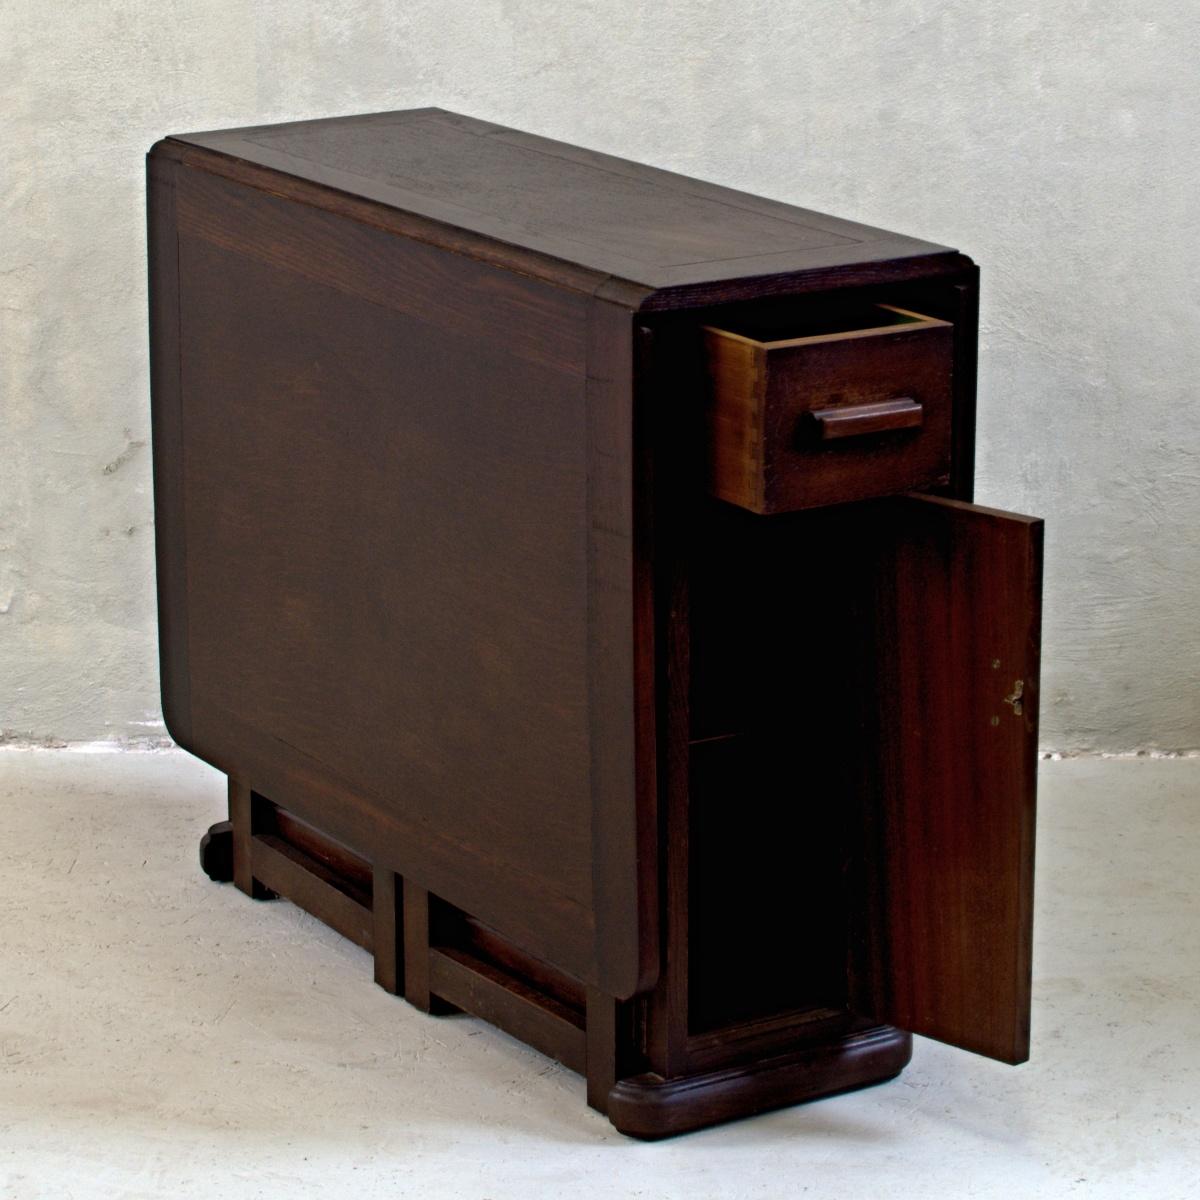 rozkládací stůl dropleaf s úložným prostorem anglický stylový vintage nábytek